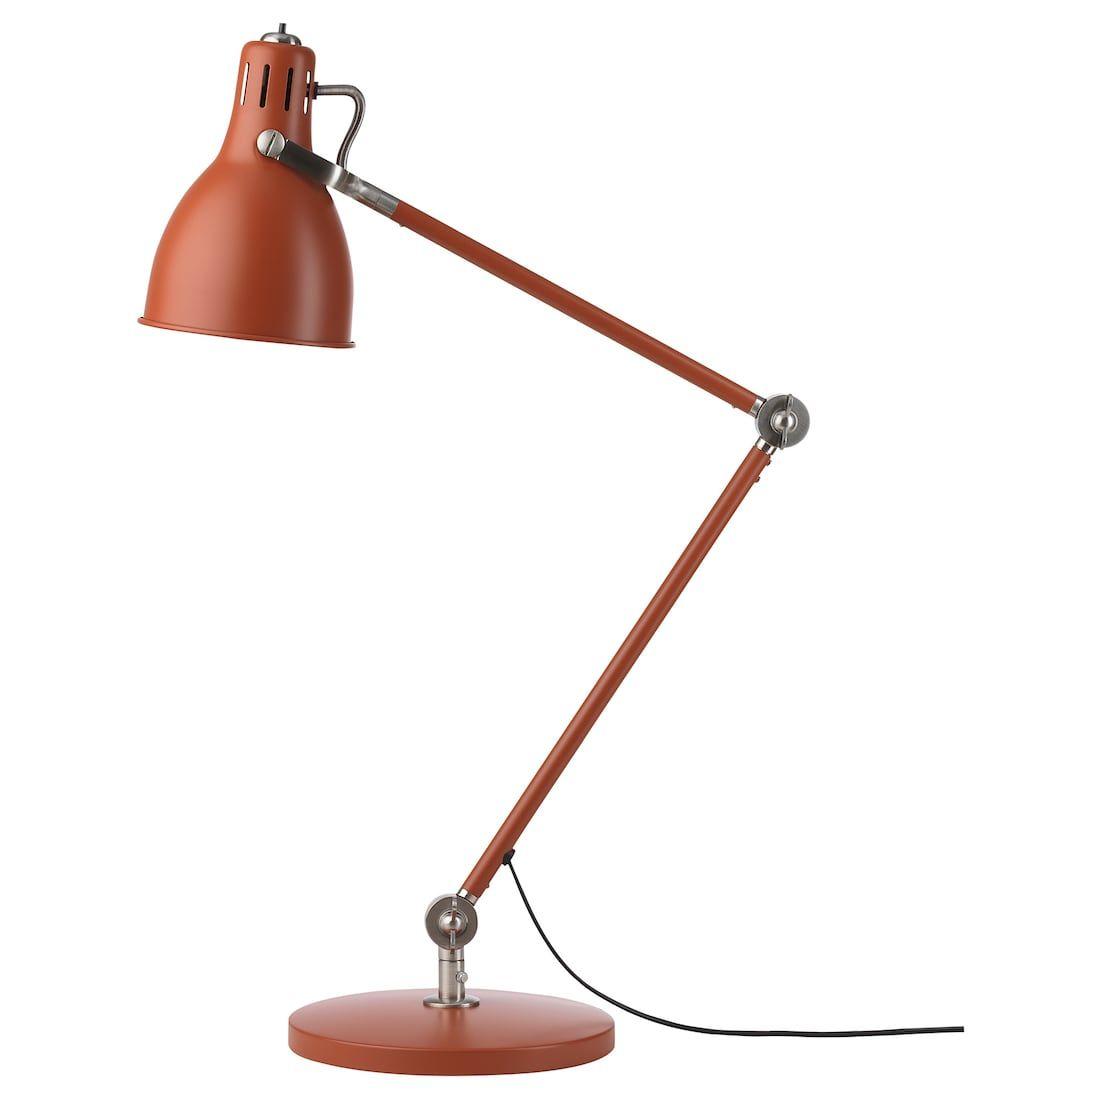 Arod Lampe De Bureau Brun Rouge Ikea Lampe De Bureau Lampe De Chevet Design Ikea